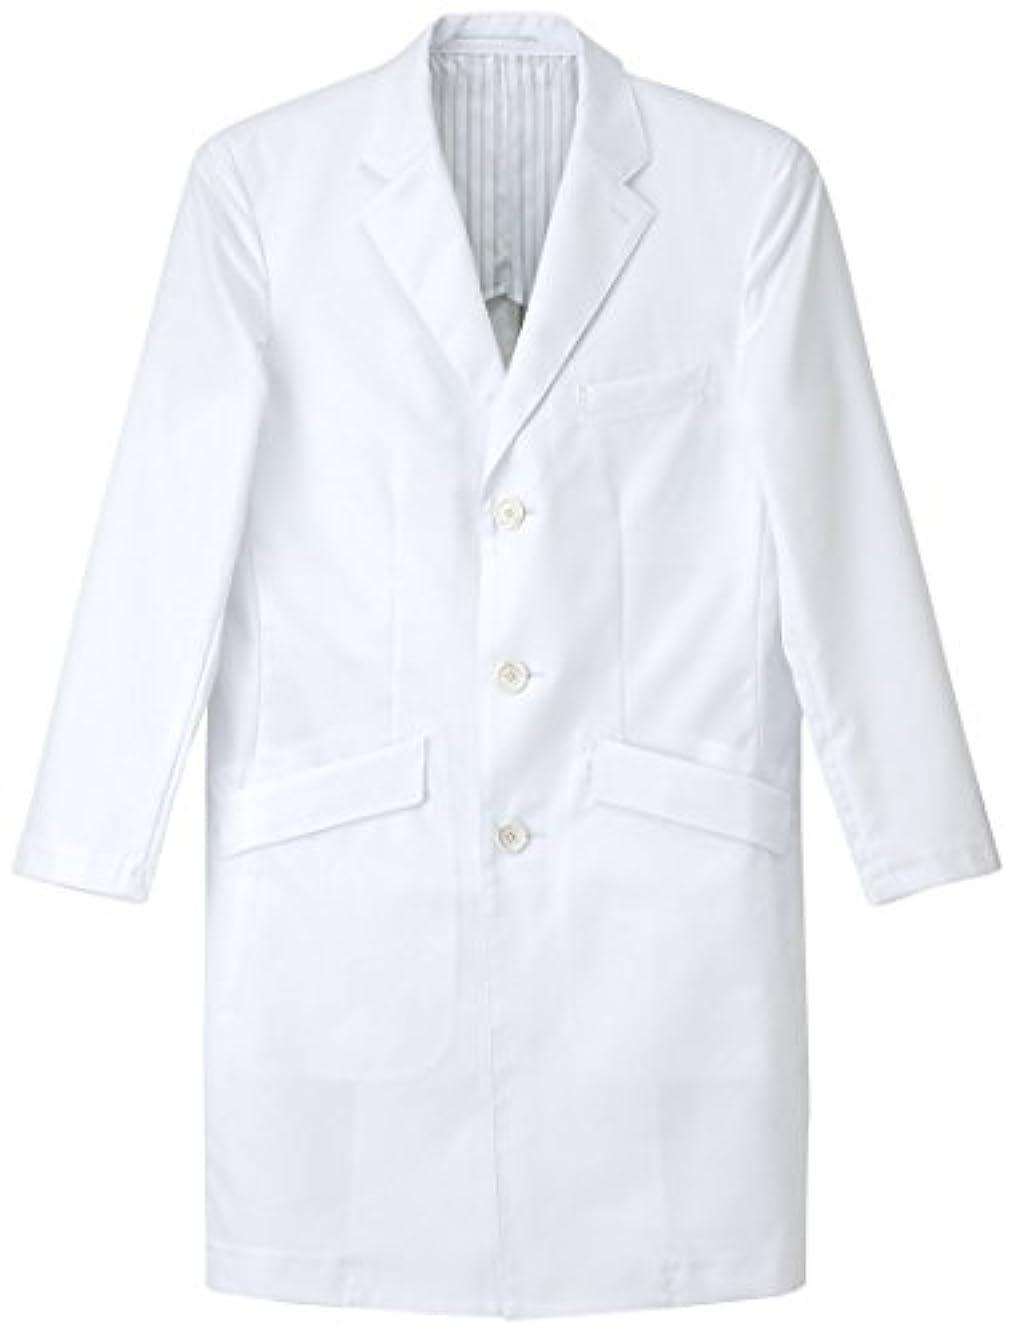 ロイヤリティ見込み軍隊ナガイレーベン NAGAILEBEN  男子シングル診察衣 FD4000 Mサイズ ホワイト